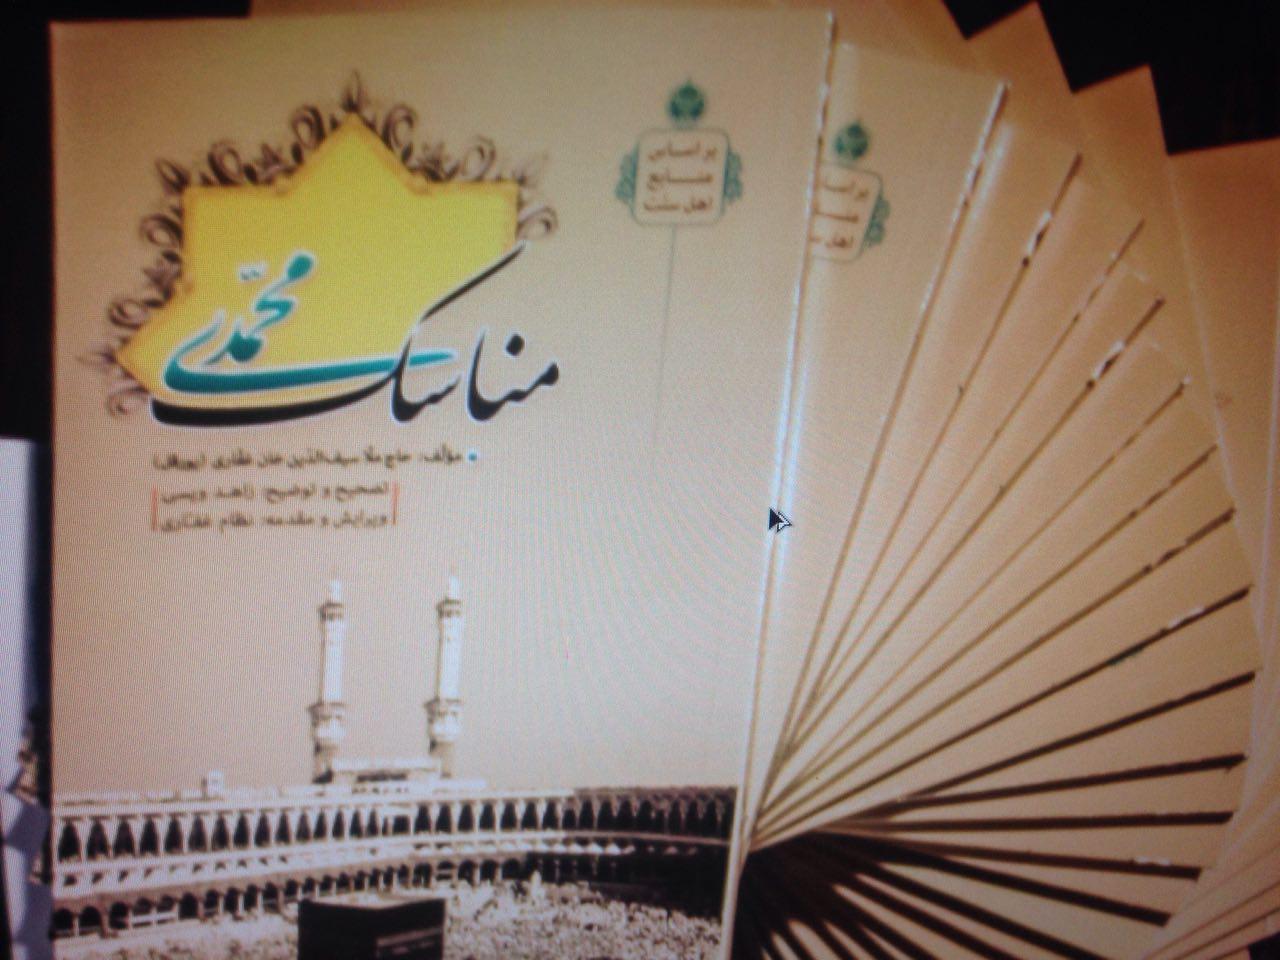 رونمايي از کتاب ' مناسک محمدی ' در سقز